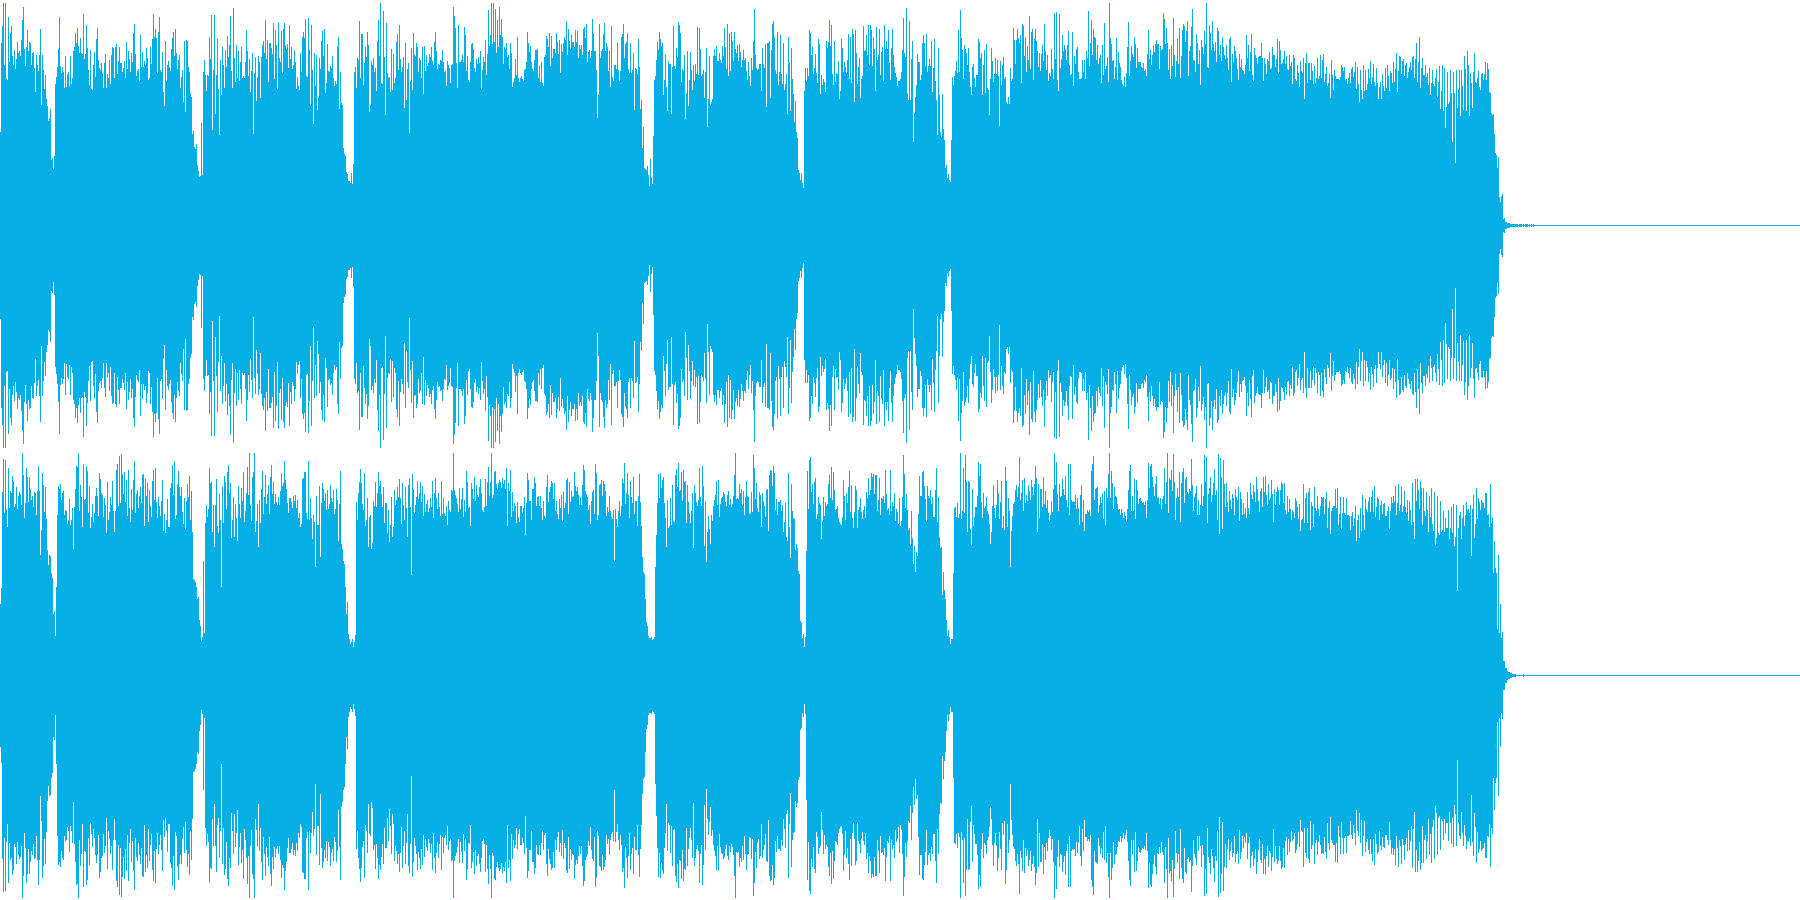 メタル ジングル ザクザク2の再生済みの波形